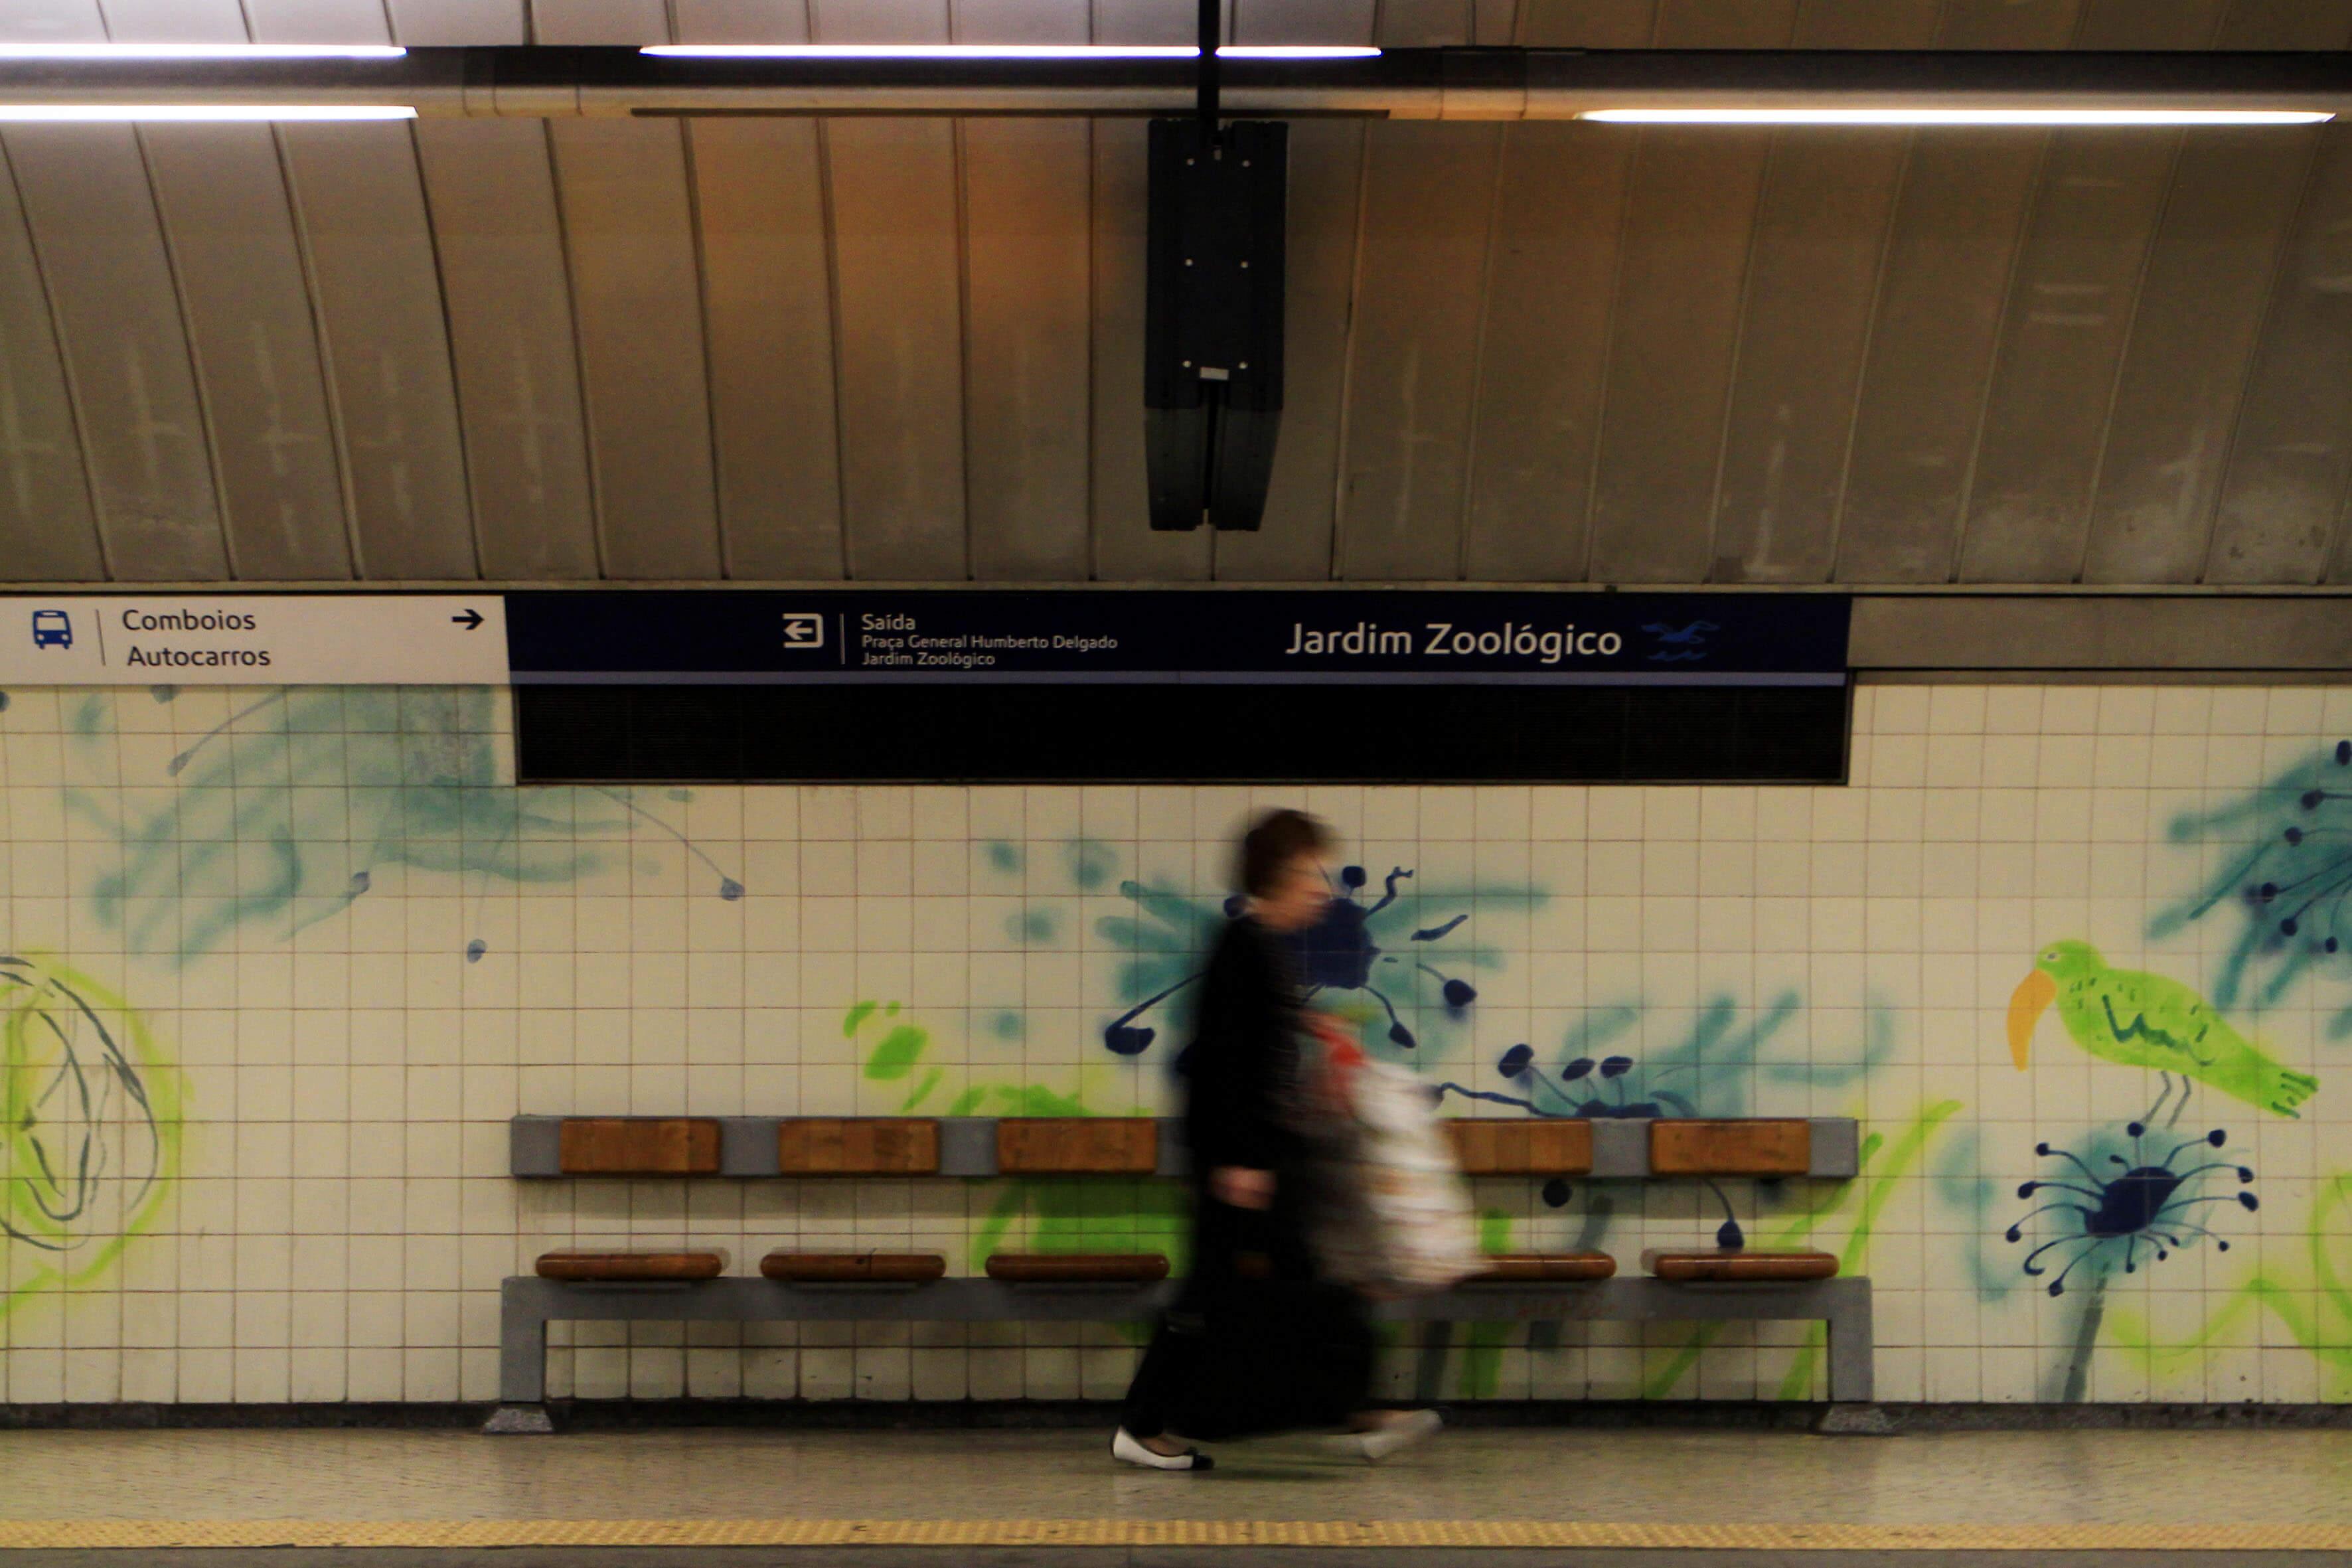 Estação do Metro do Jardim Zoológico